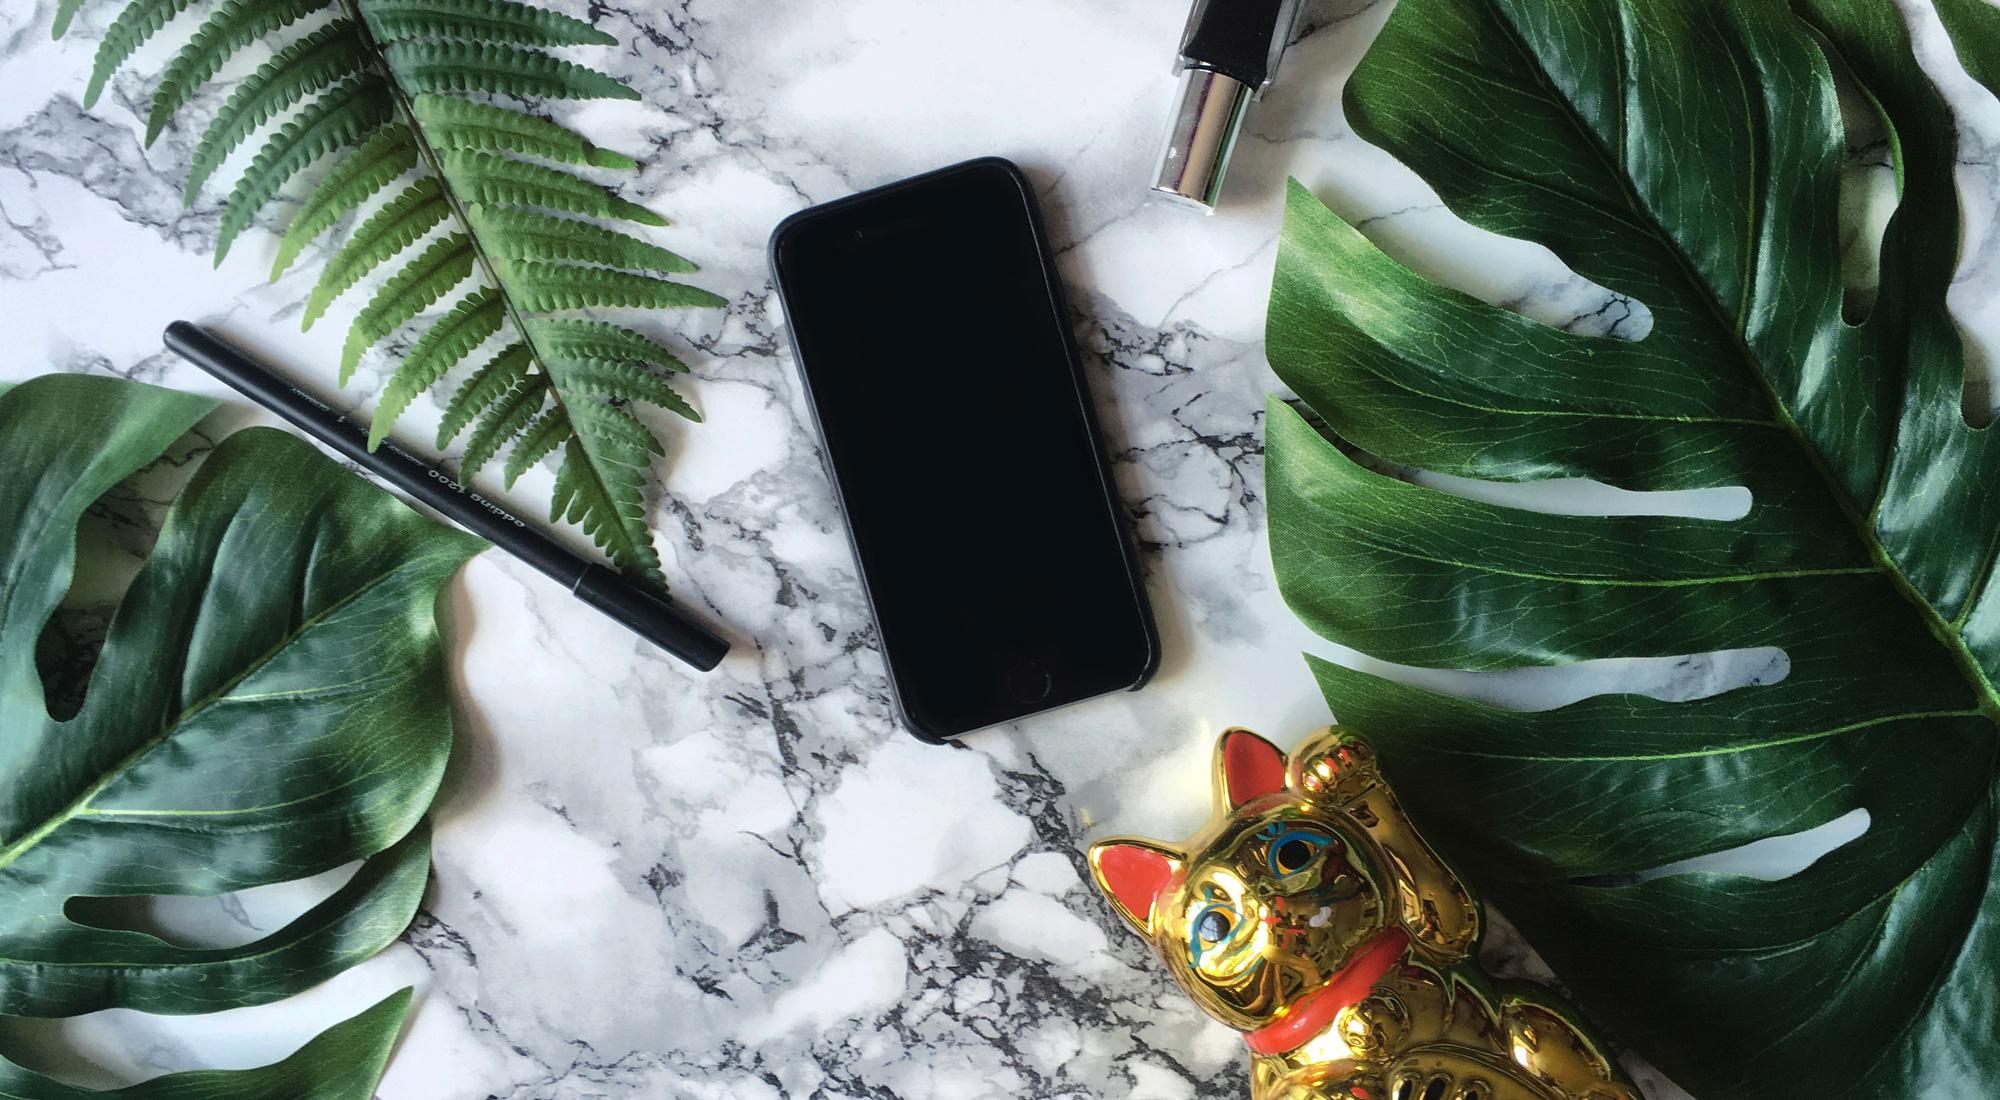 Bild mit Winkekatze, Farn und Monstera-Blatt, iphone, Stabilo Stift und schwarzer Nagellack